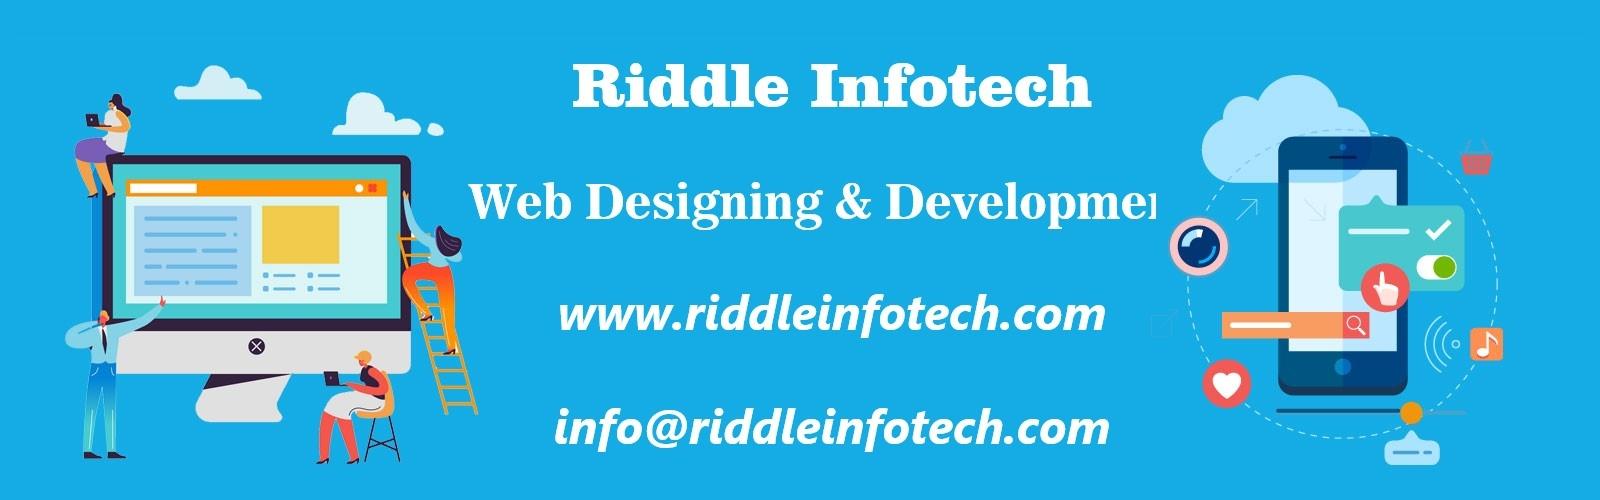 riddleinfotech (@riddleinfotech) Cover Image